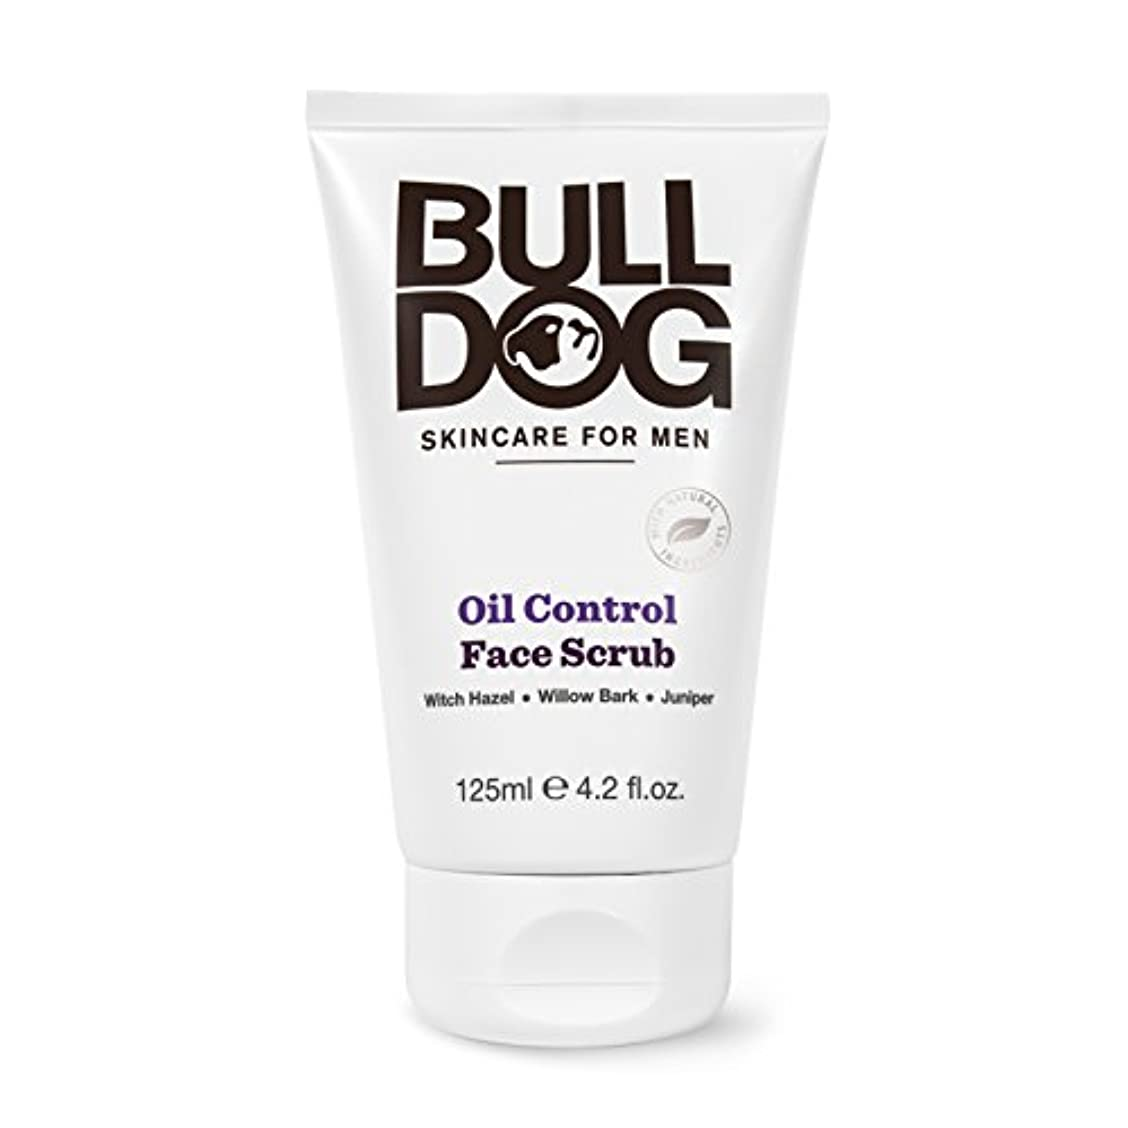 悪の寄生虫プラカードブルドッグ Bulldog オイルコントロールフェイススクラブ(洗顔料) 125m